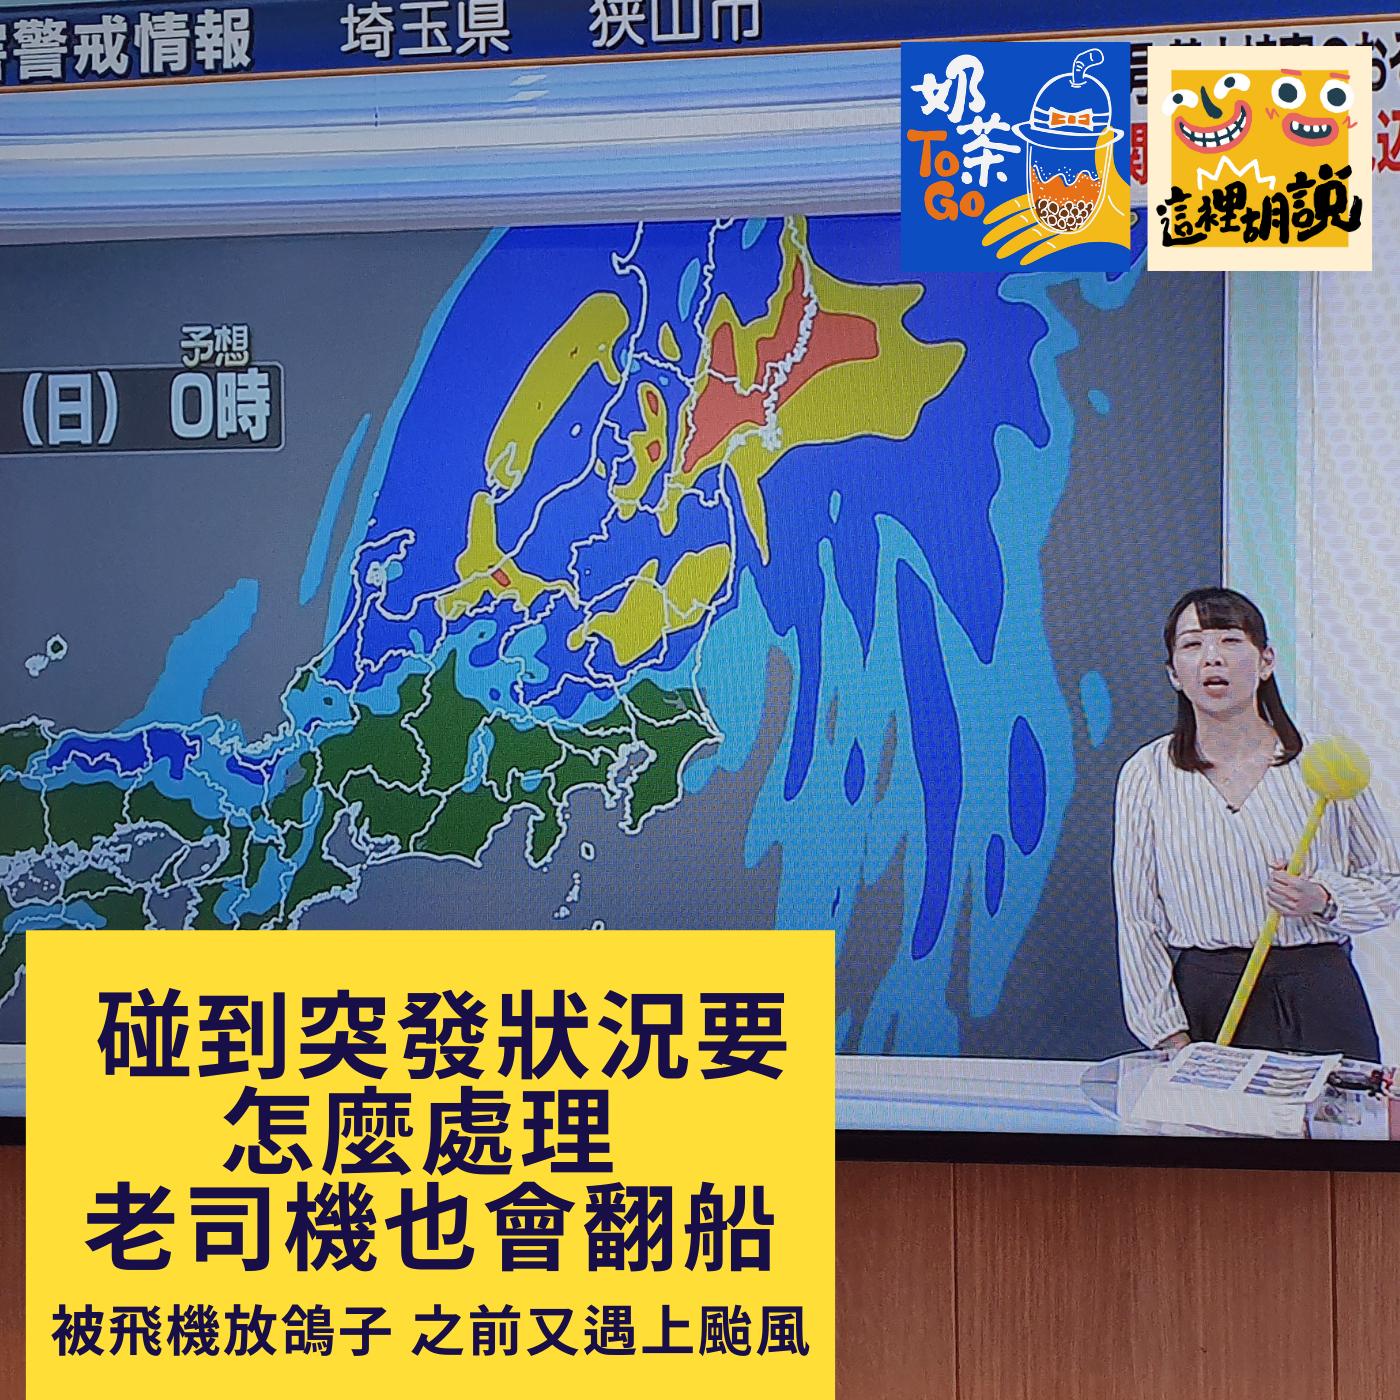 010. 突發狀況要怎麼處理 老司機也會翻船 沒趕上飛機 又遇上颱風